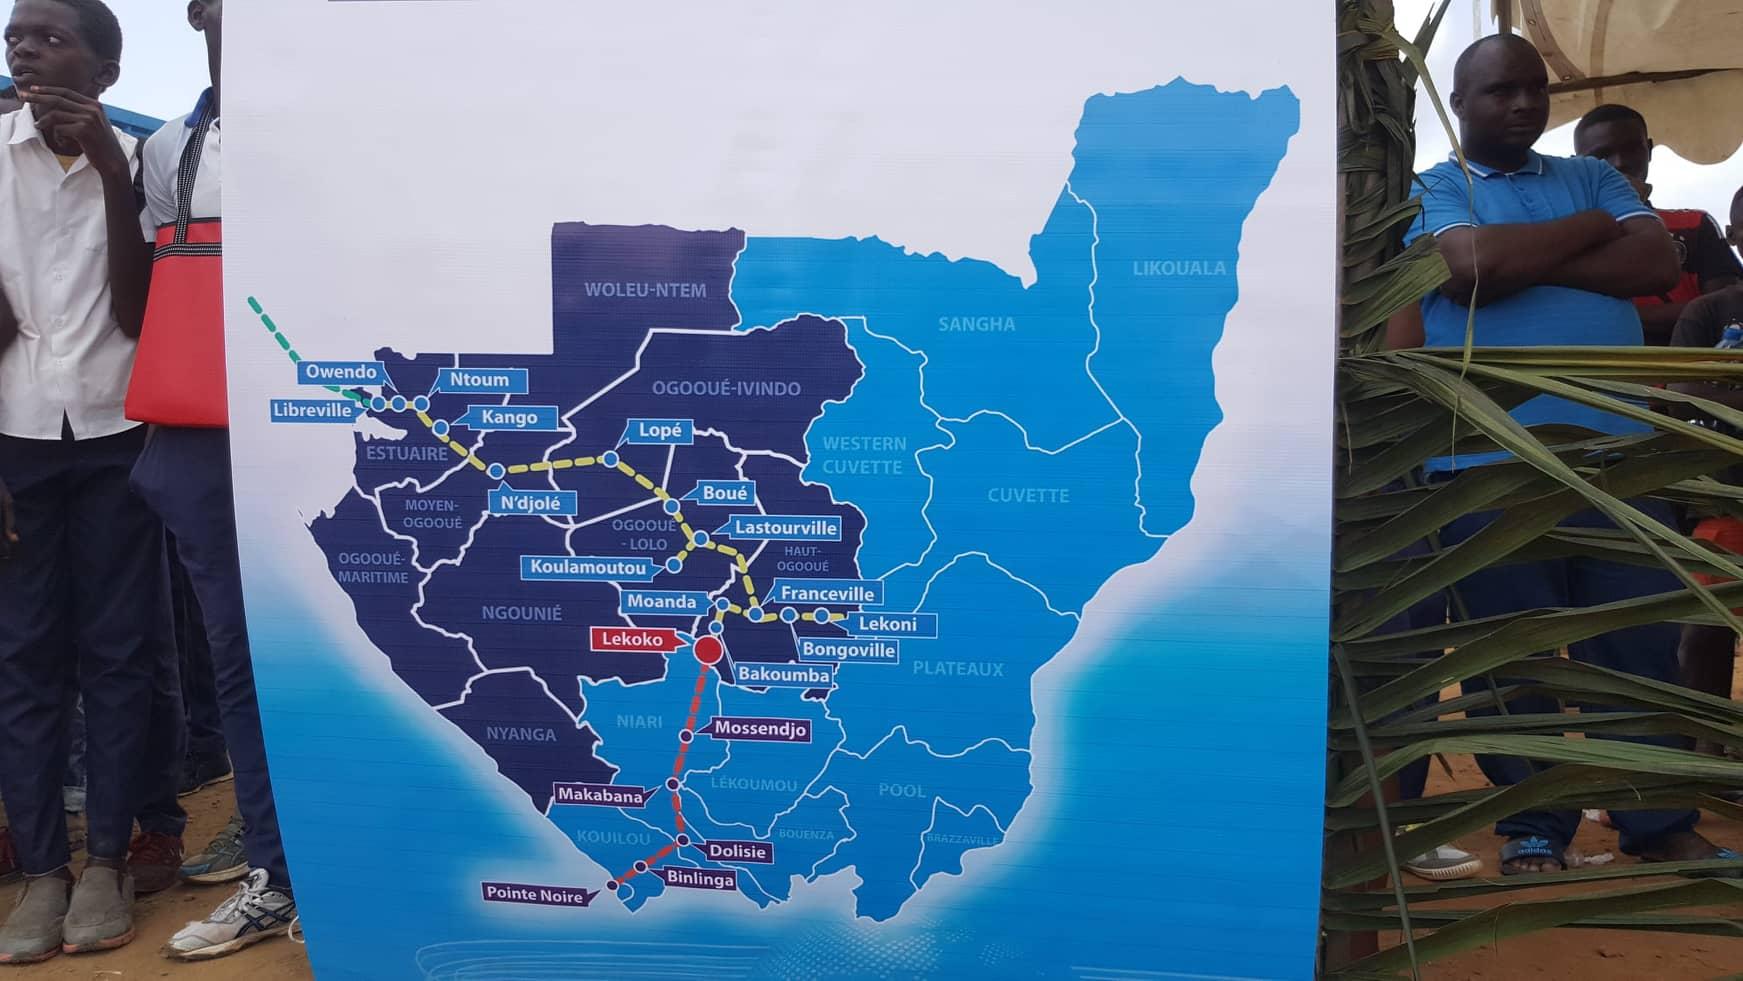 La connexion internet enfin rétablie au Gabon, débit médiocre